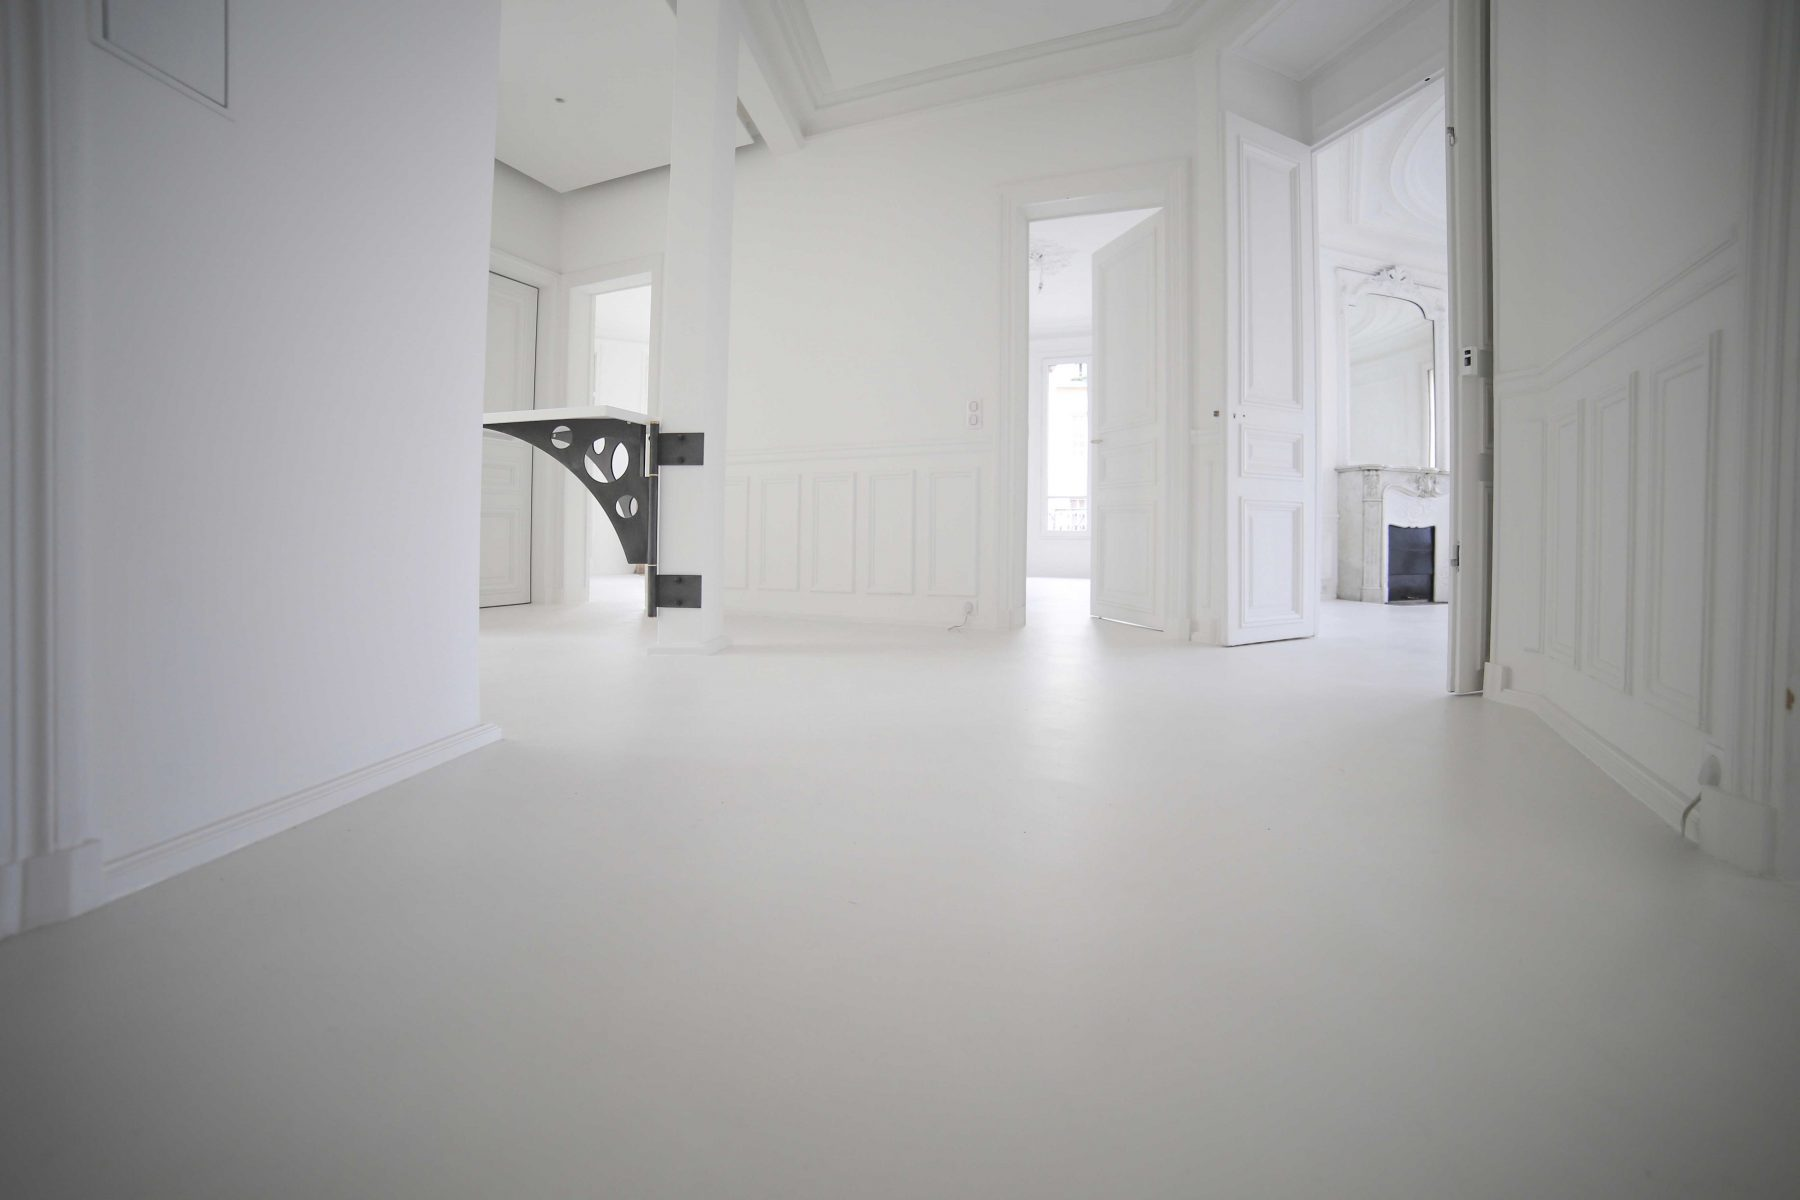 Béton ciré taloché Décaum Paris 3 appartement entreprise spécialiste